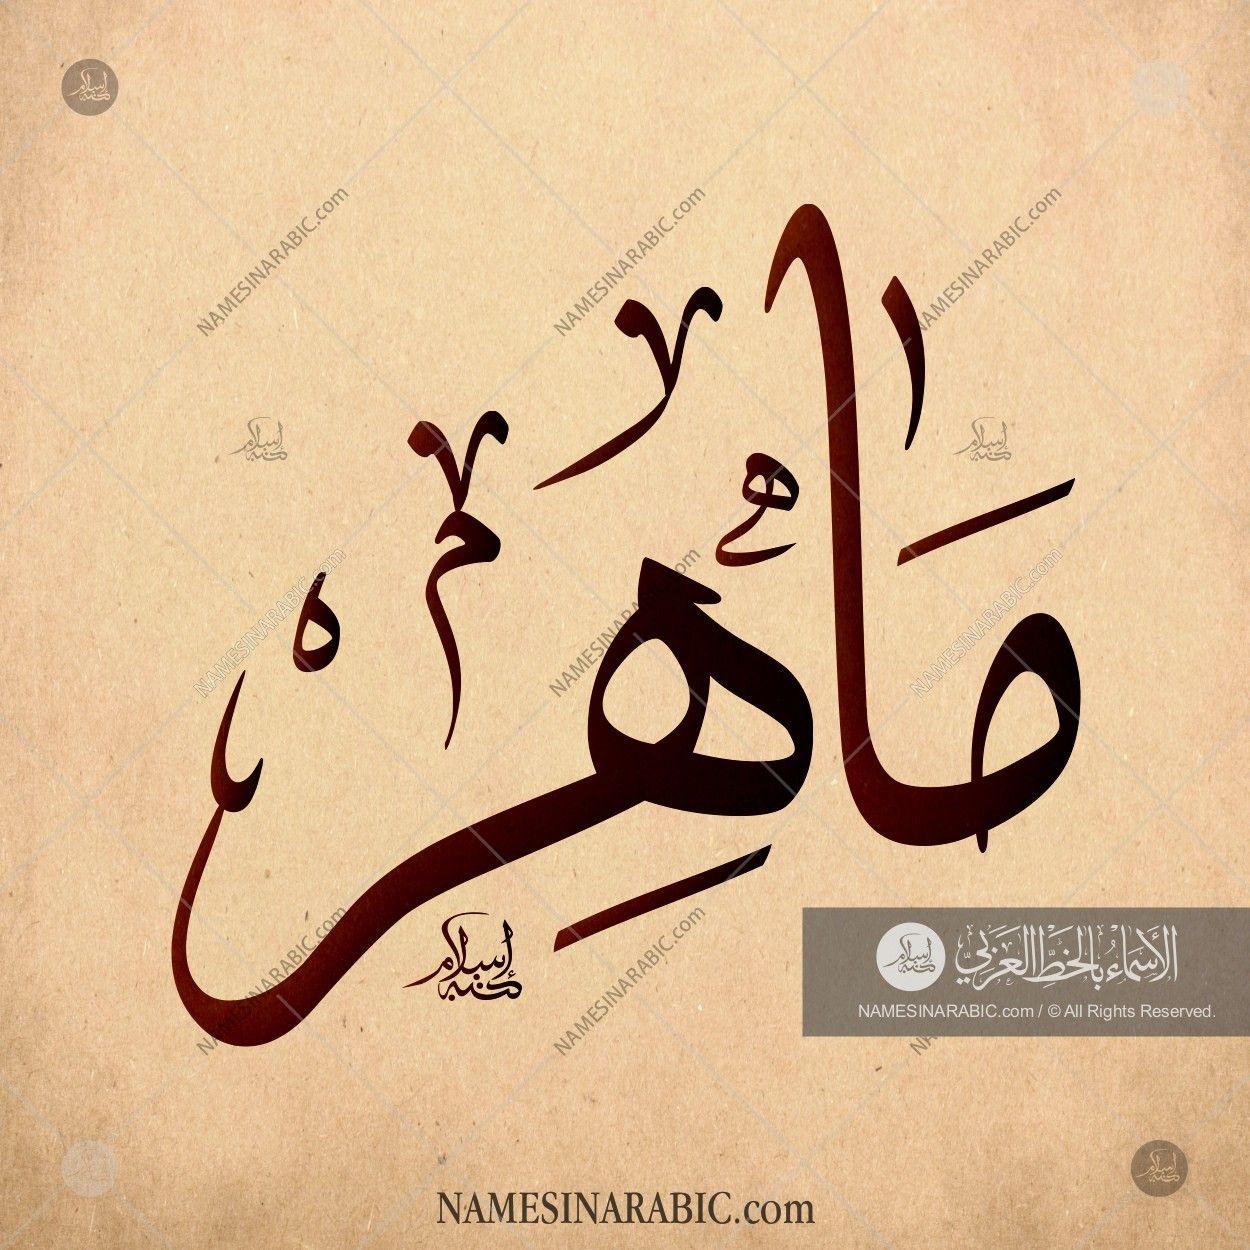 Mahir ماهر Names In Arabic Calligraphy Name 3198 Calligraphy Name Calligraphy Islamic Caligraphy Art